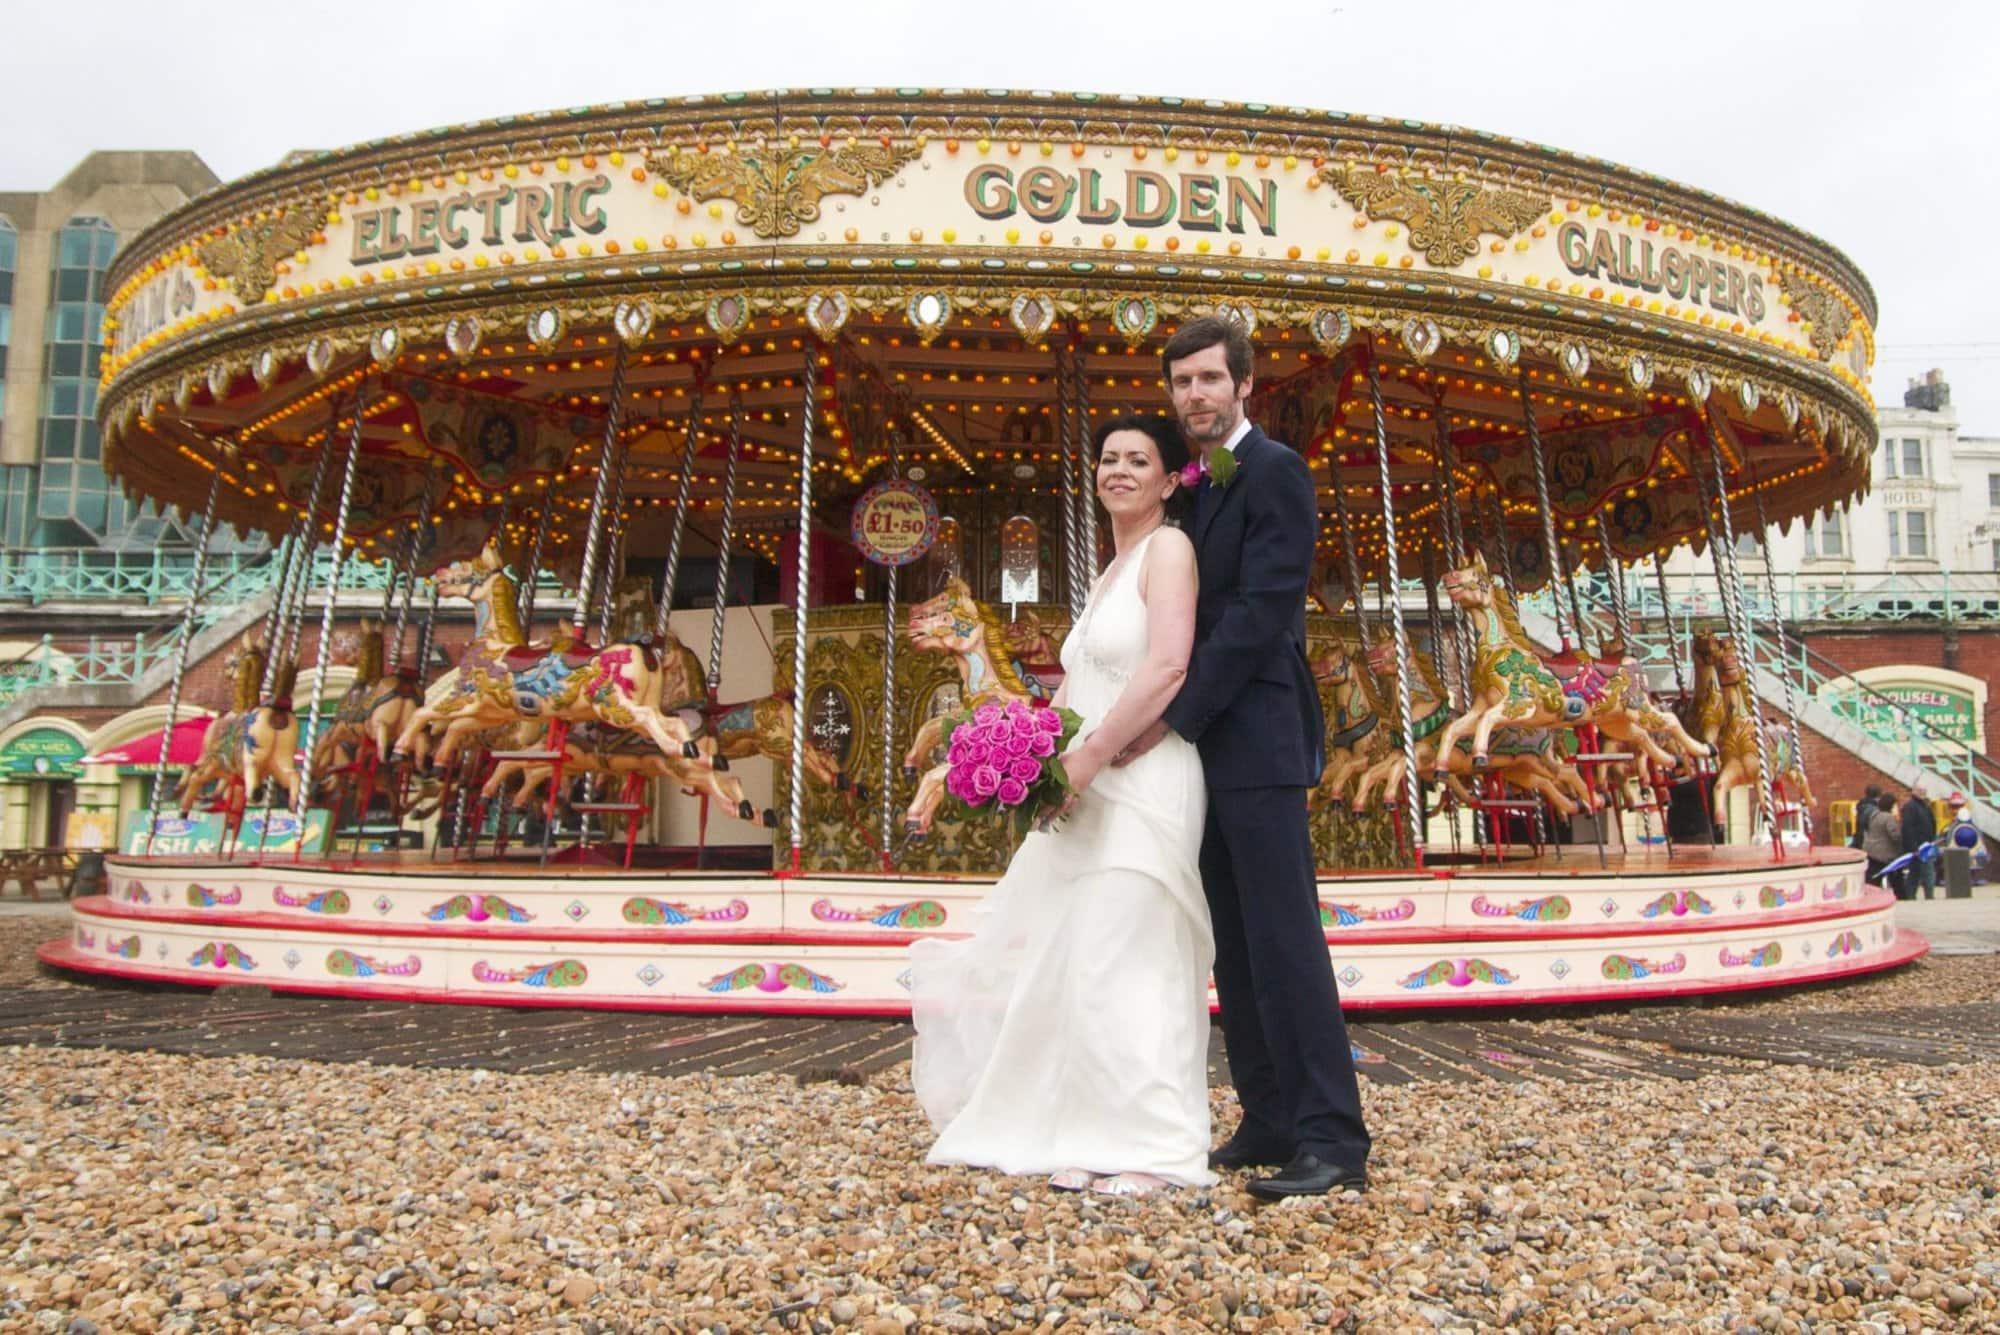 Bride and groom wedding portrait taken at Brighton beach in Sussex